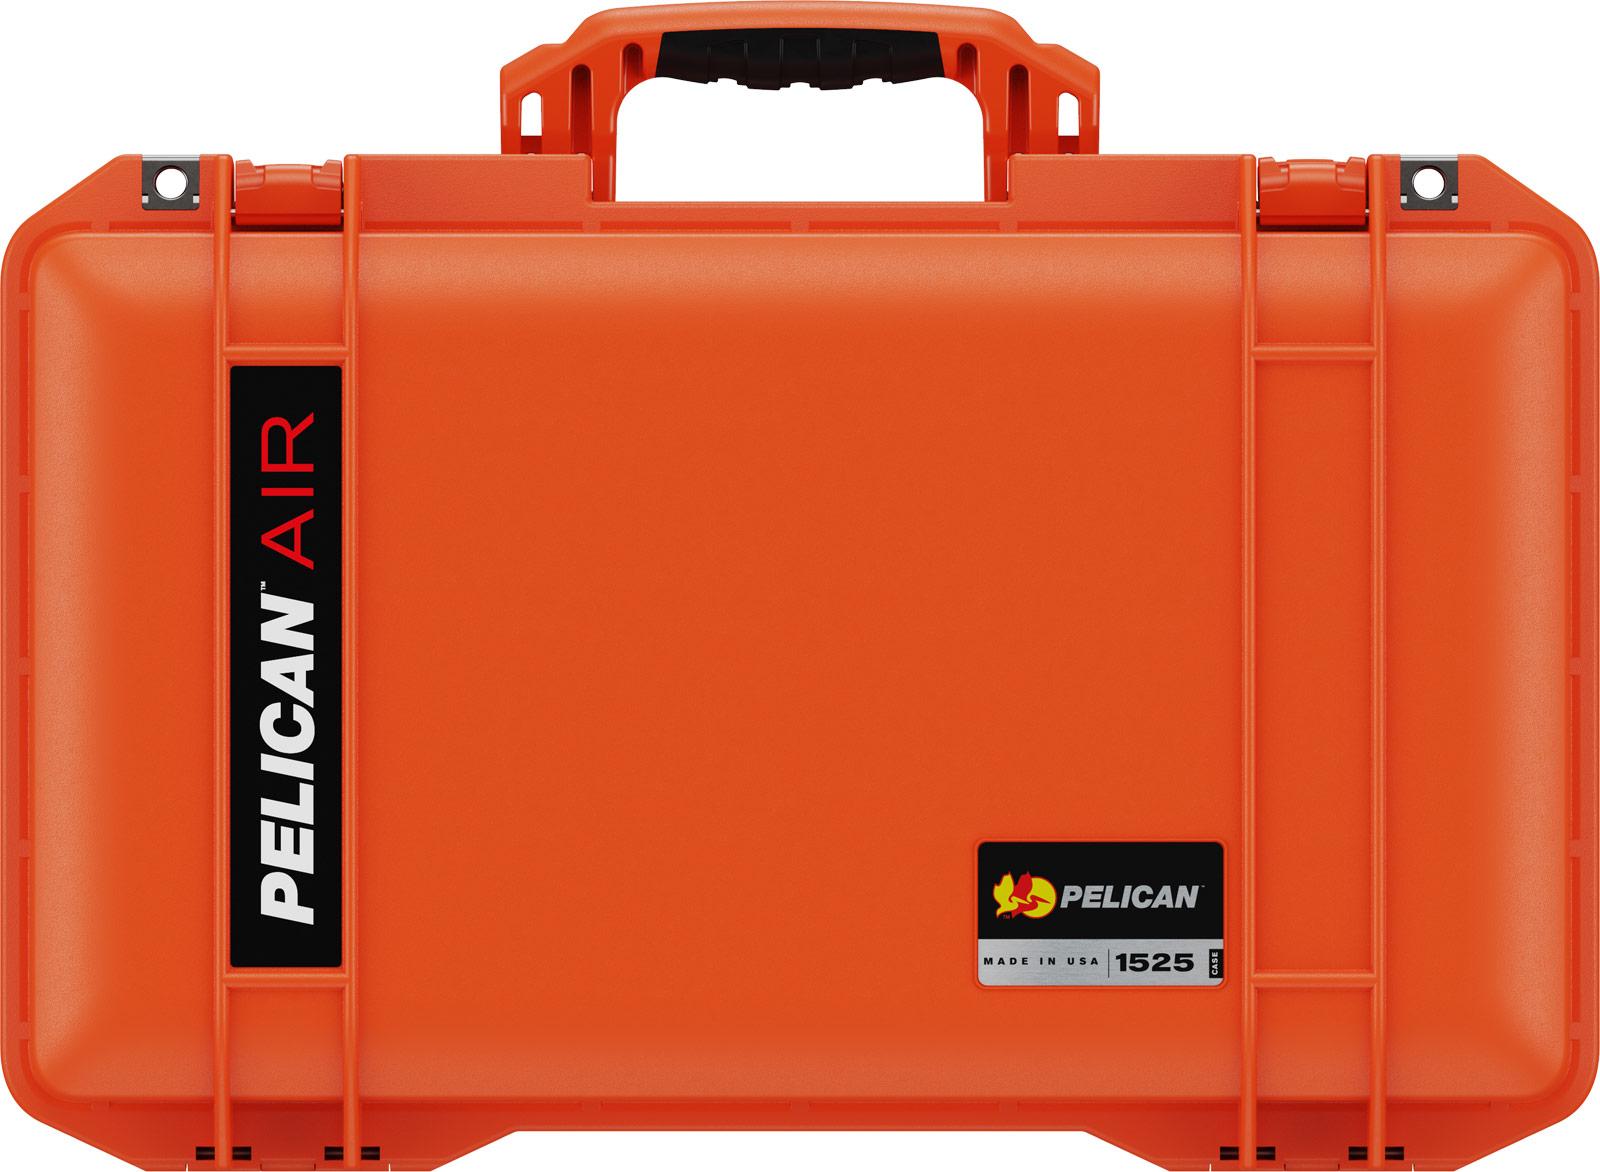 pelican orange air case 1525 waterproof case